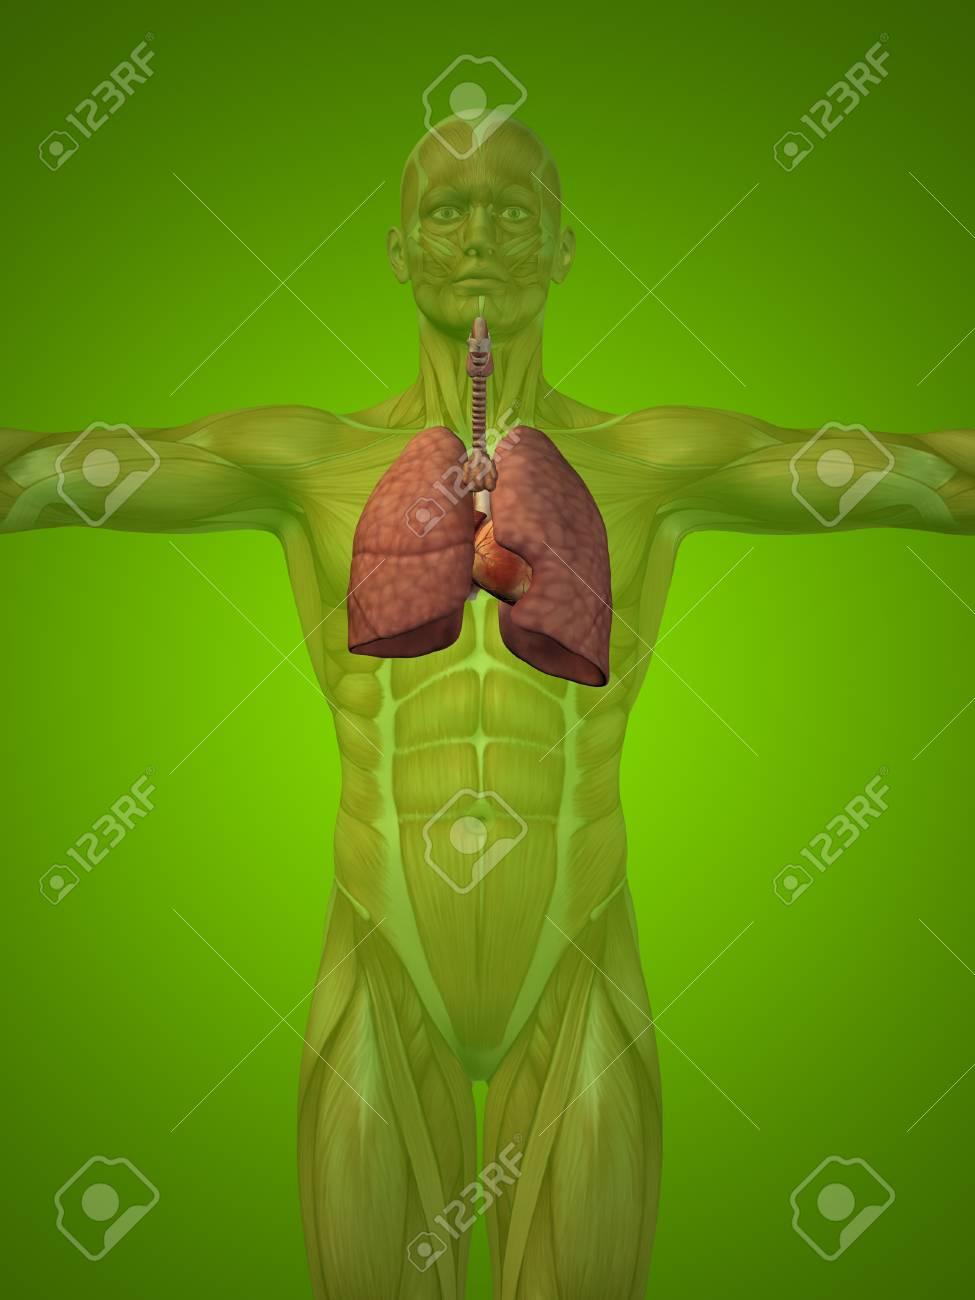 Konzeptionelle Anatomischen Menschlichen Oder Mann 3D-Atmungssystem ...